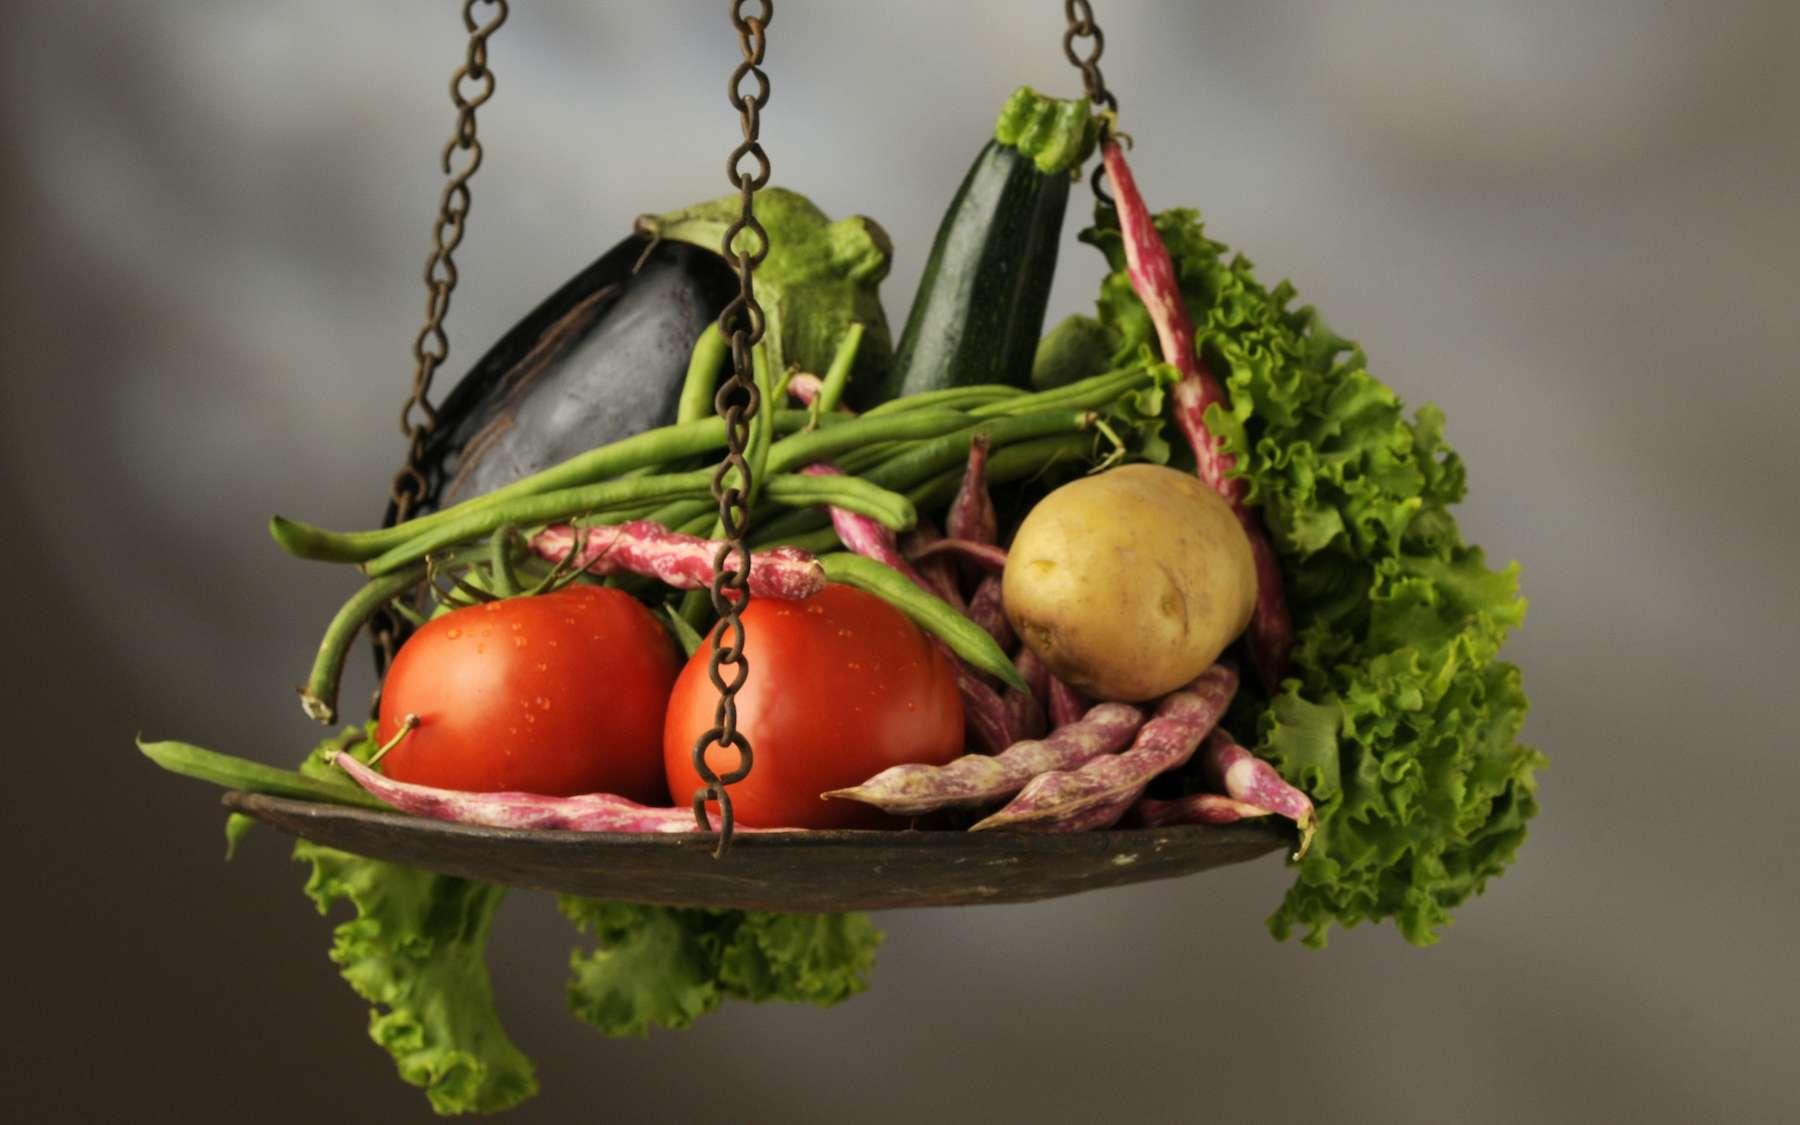 Quels produits de saison consommer au mois d'août ? © Comugnero Silvana, Adobe Stock